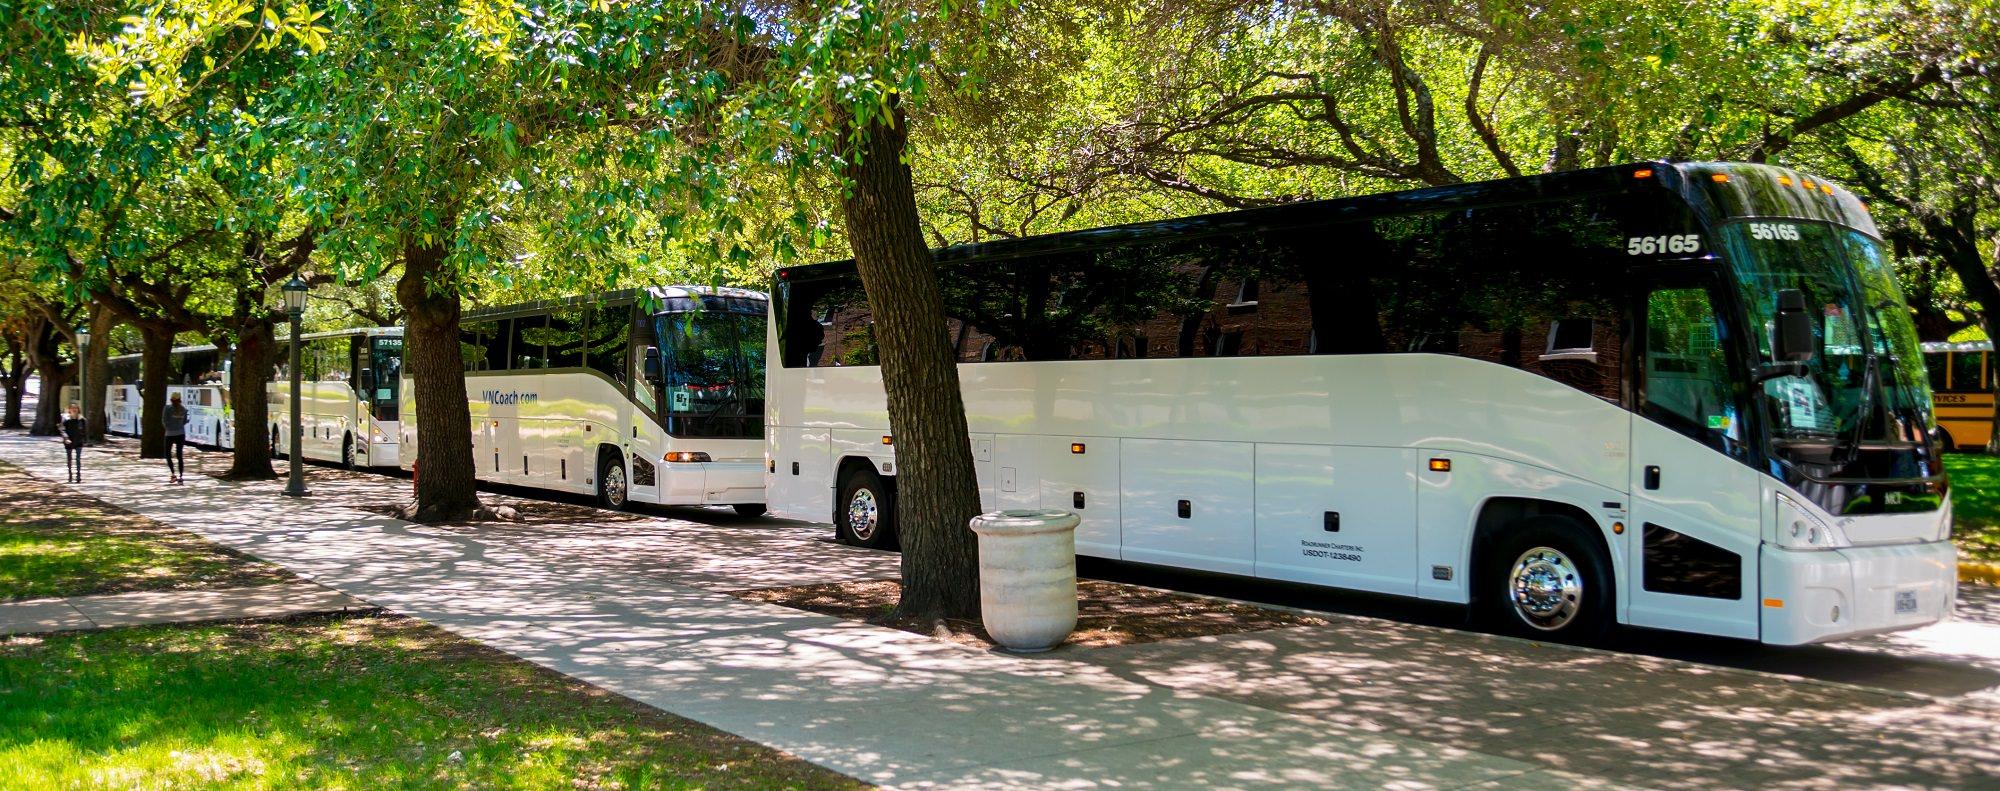 charter-buses-main-1.jpg